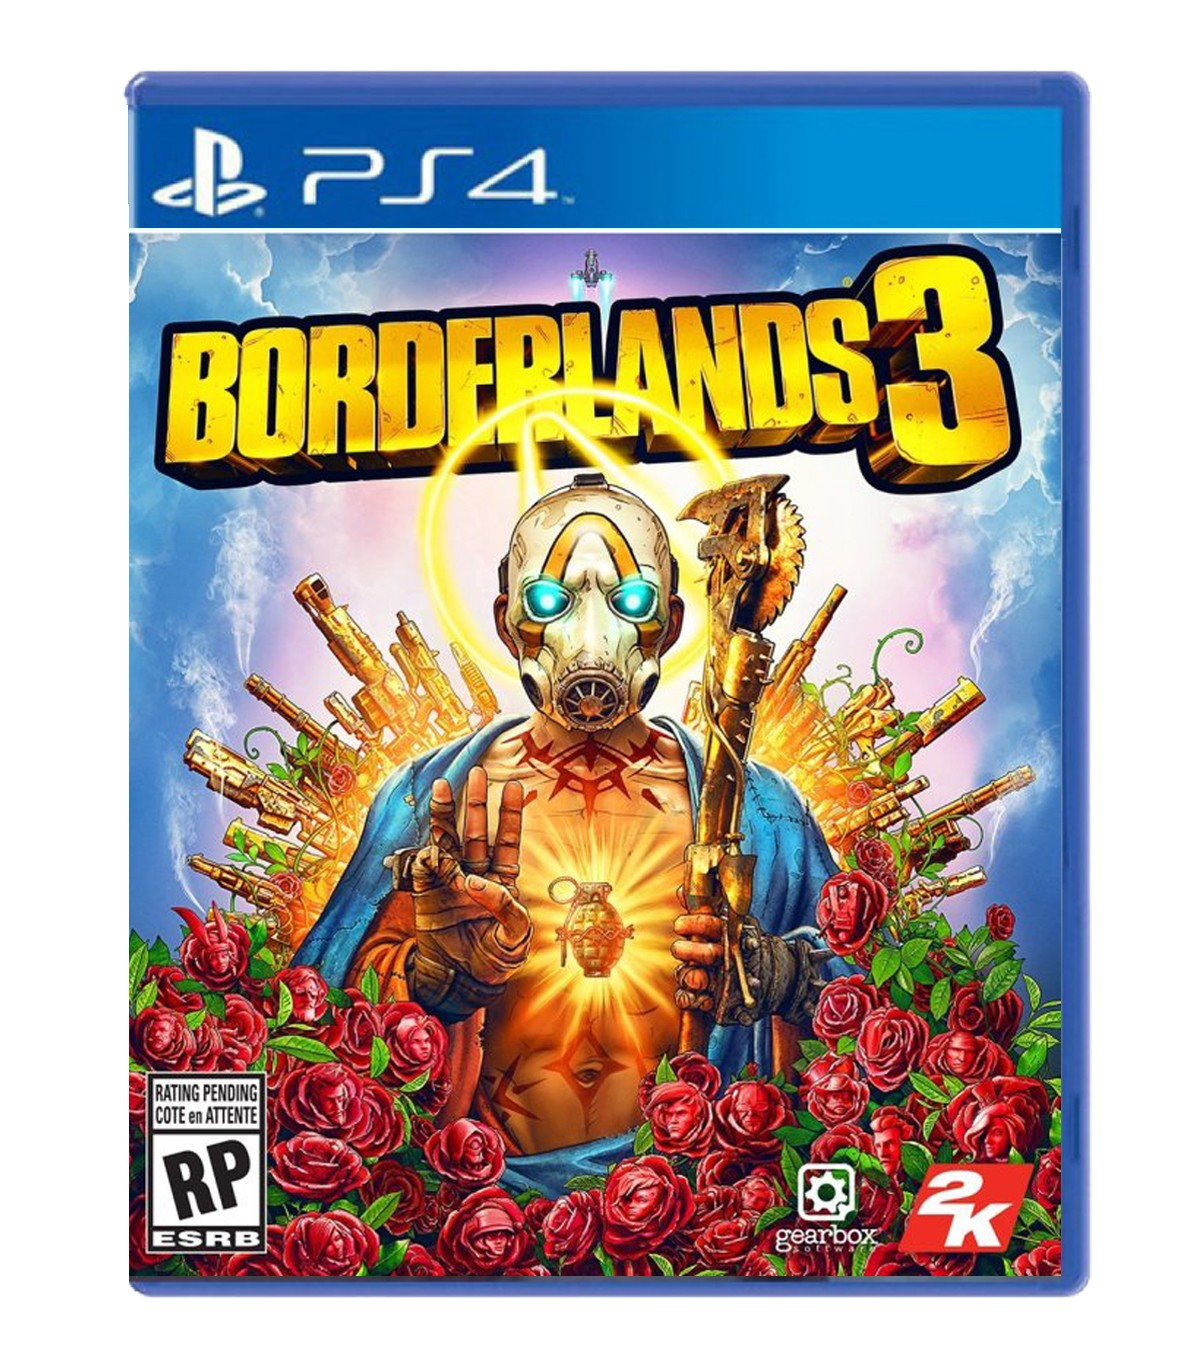 بازی Borderlands 3 کارکرده - پلی استیشن 4